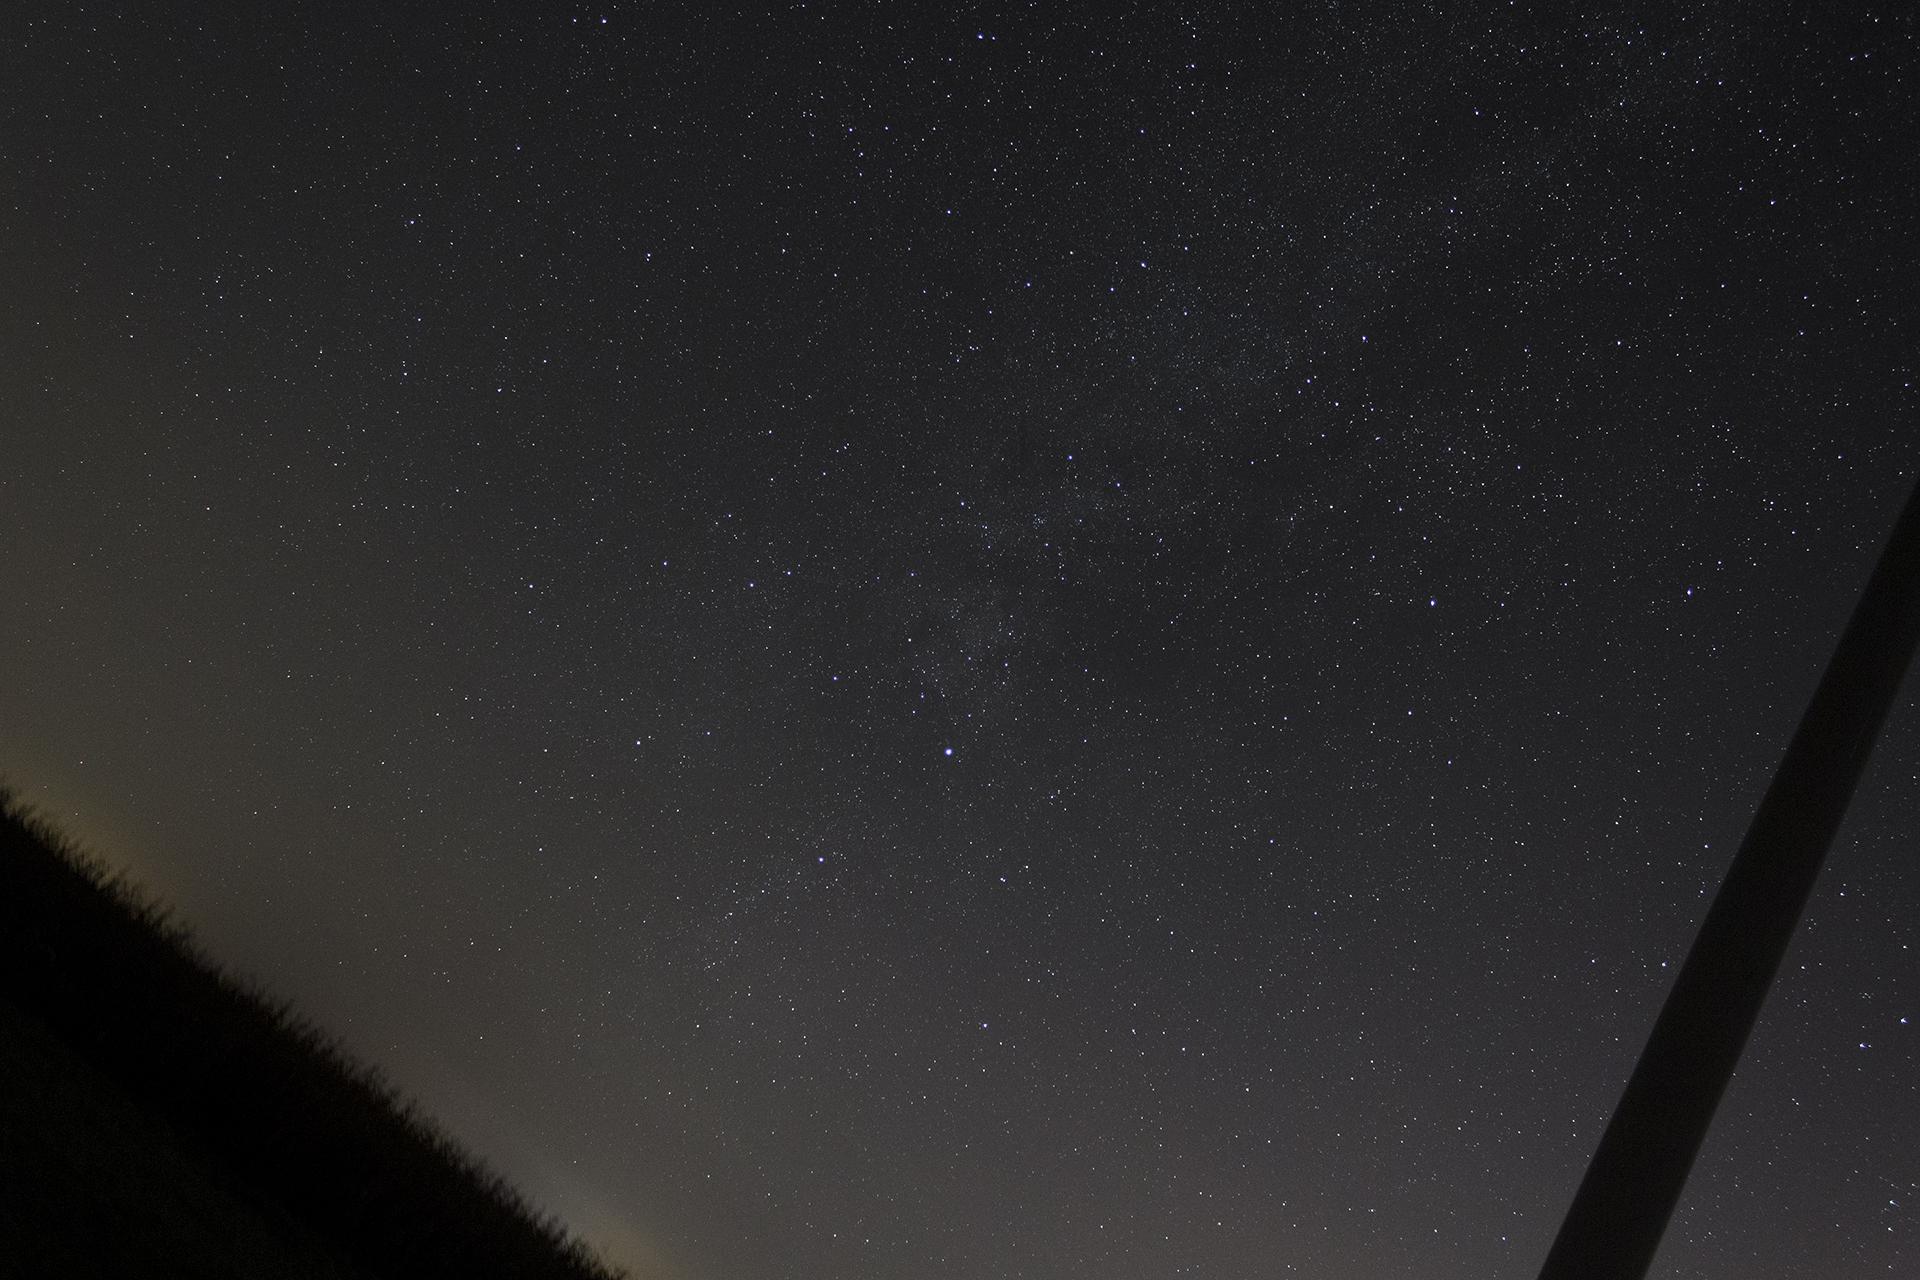 Voie Lactée - Page 5 10979570463_9f9380fb4a_o